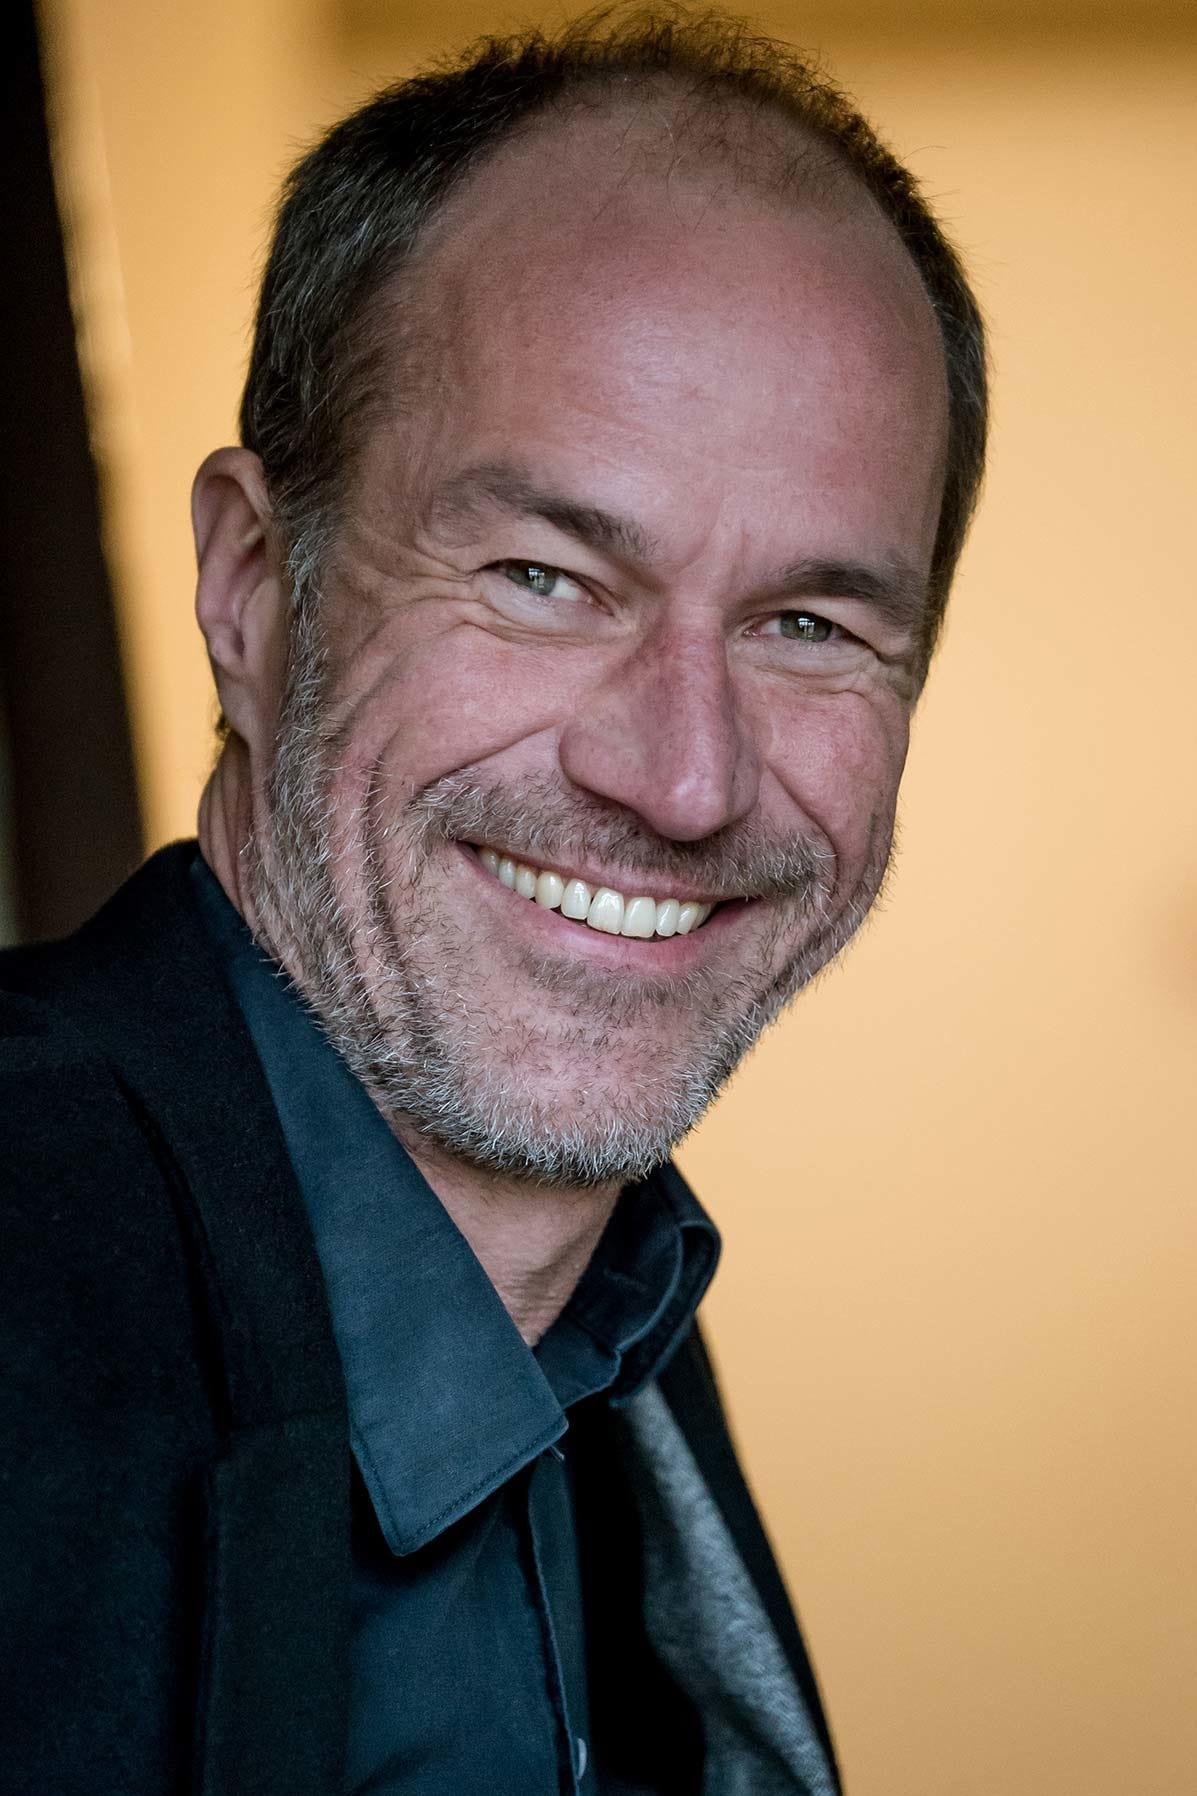 Holger Daemgen